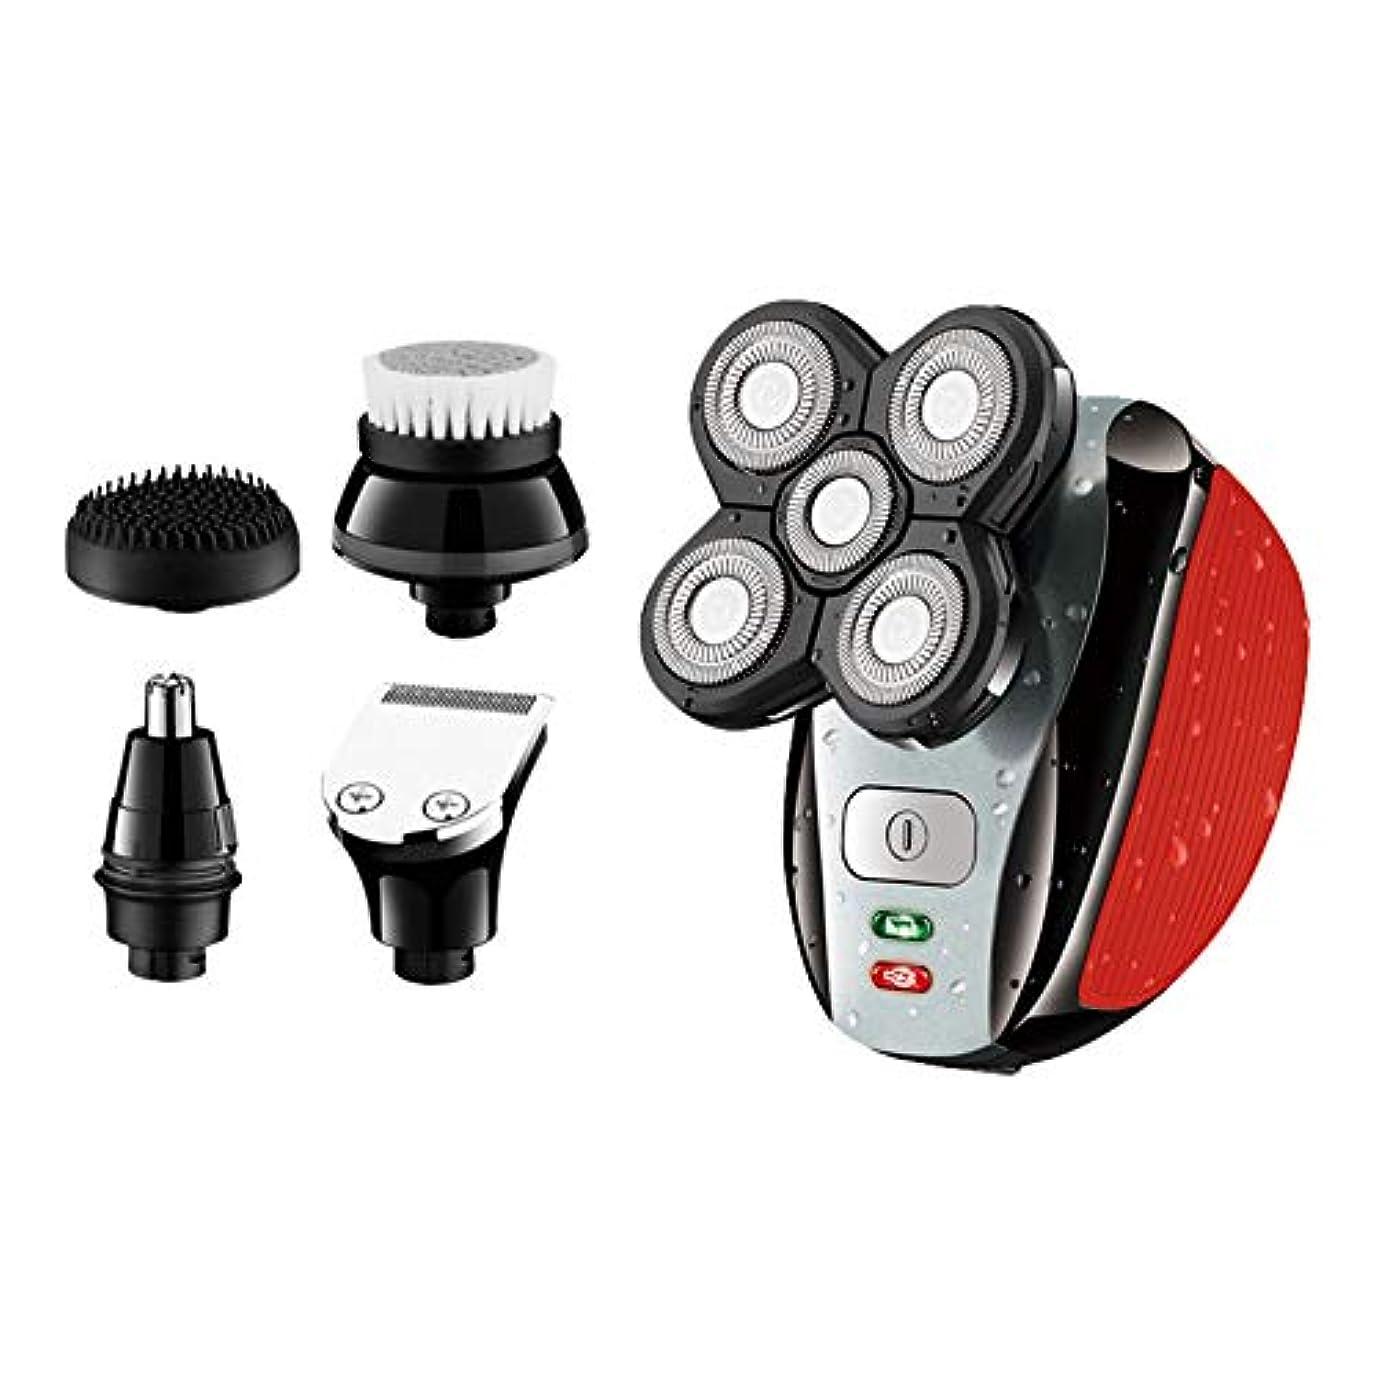 広い啓発するドナー電気ヘアシェーバー、ユニセックス5 in 1多機能ボディヘアトリマー、USB充電式、女性の脇の下、足、腕のヘアリムーバー、自剃毛ヘッドかみそり